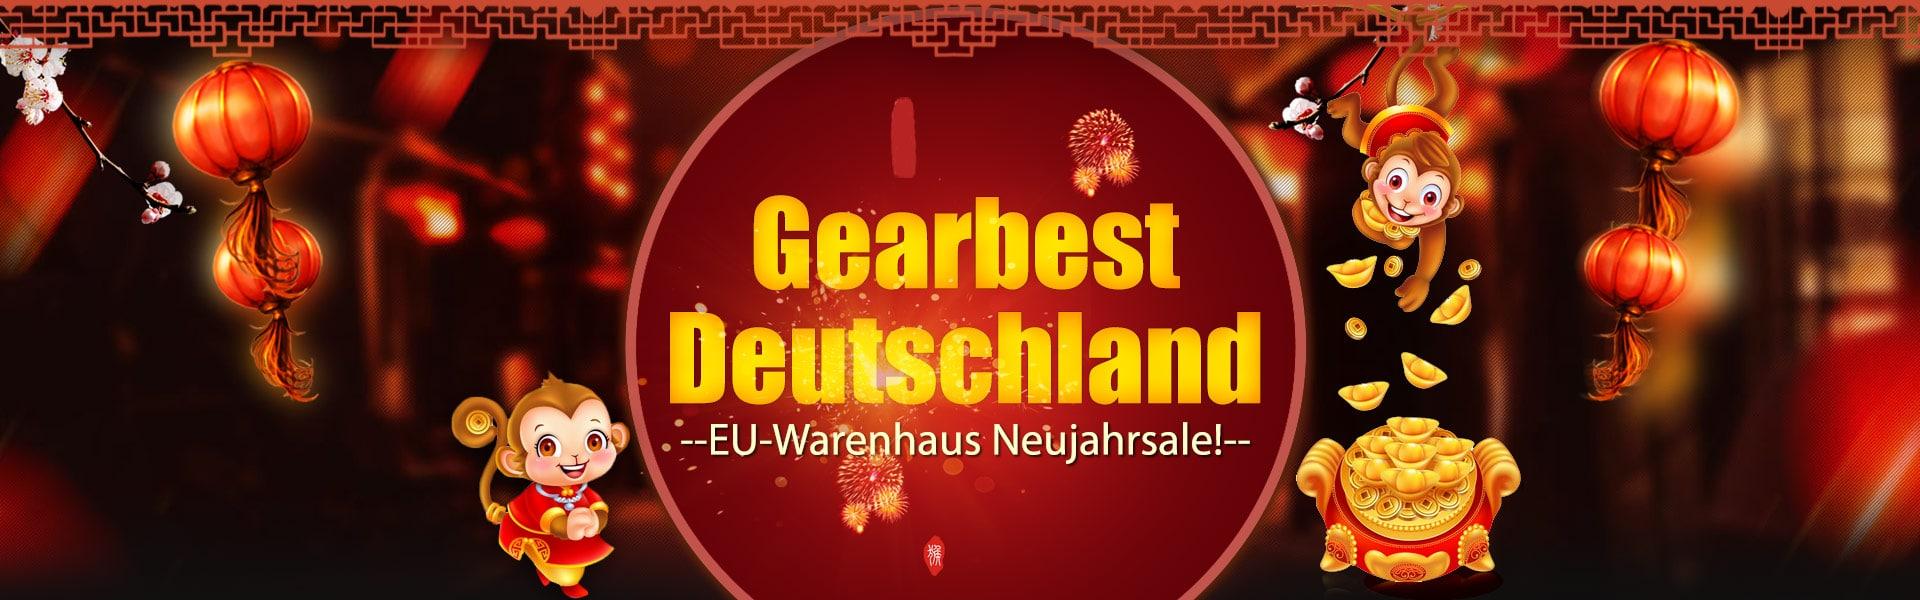 Photo of Neujahr-Sale bei Gearbest [Werbung]